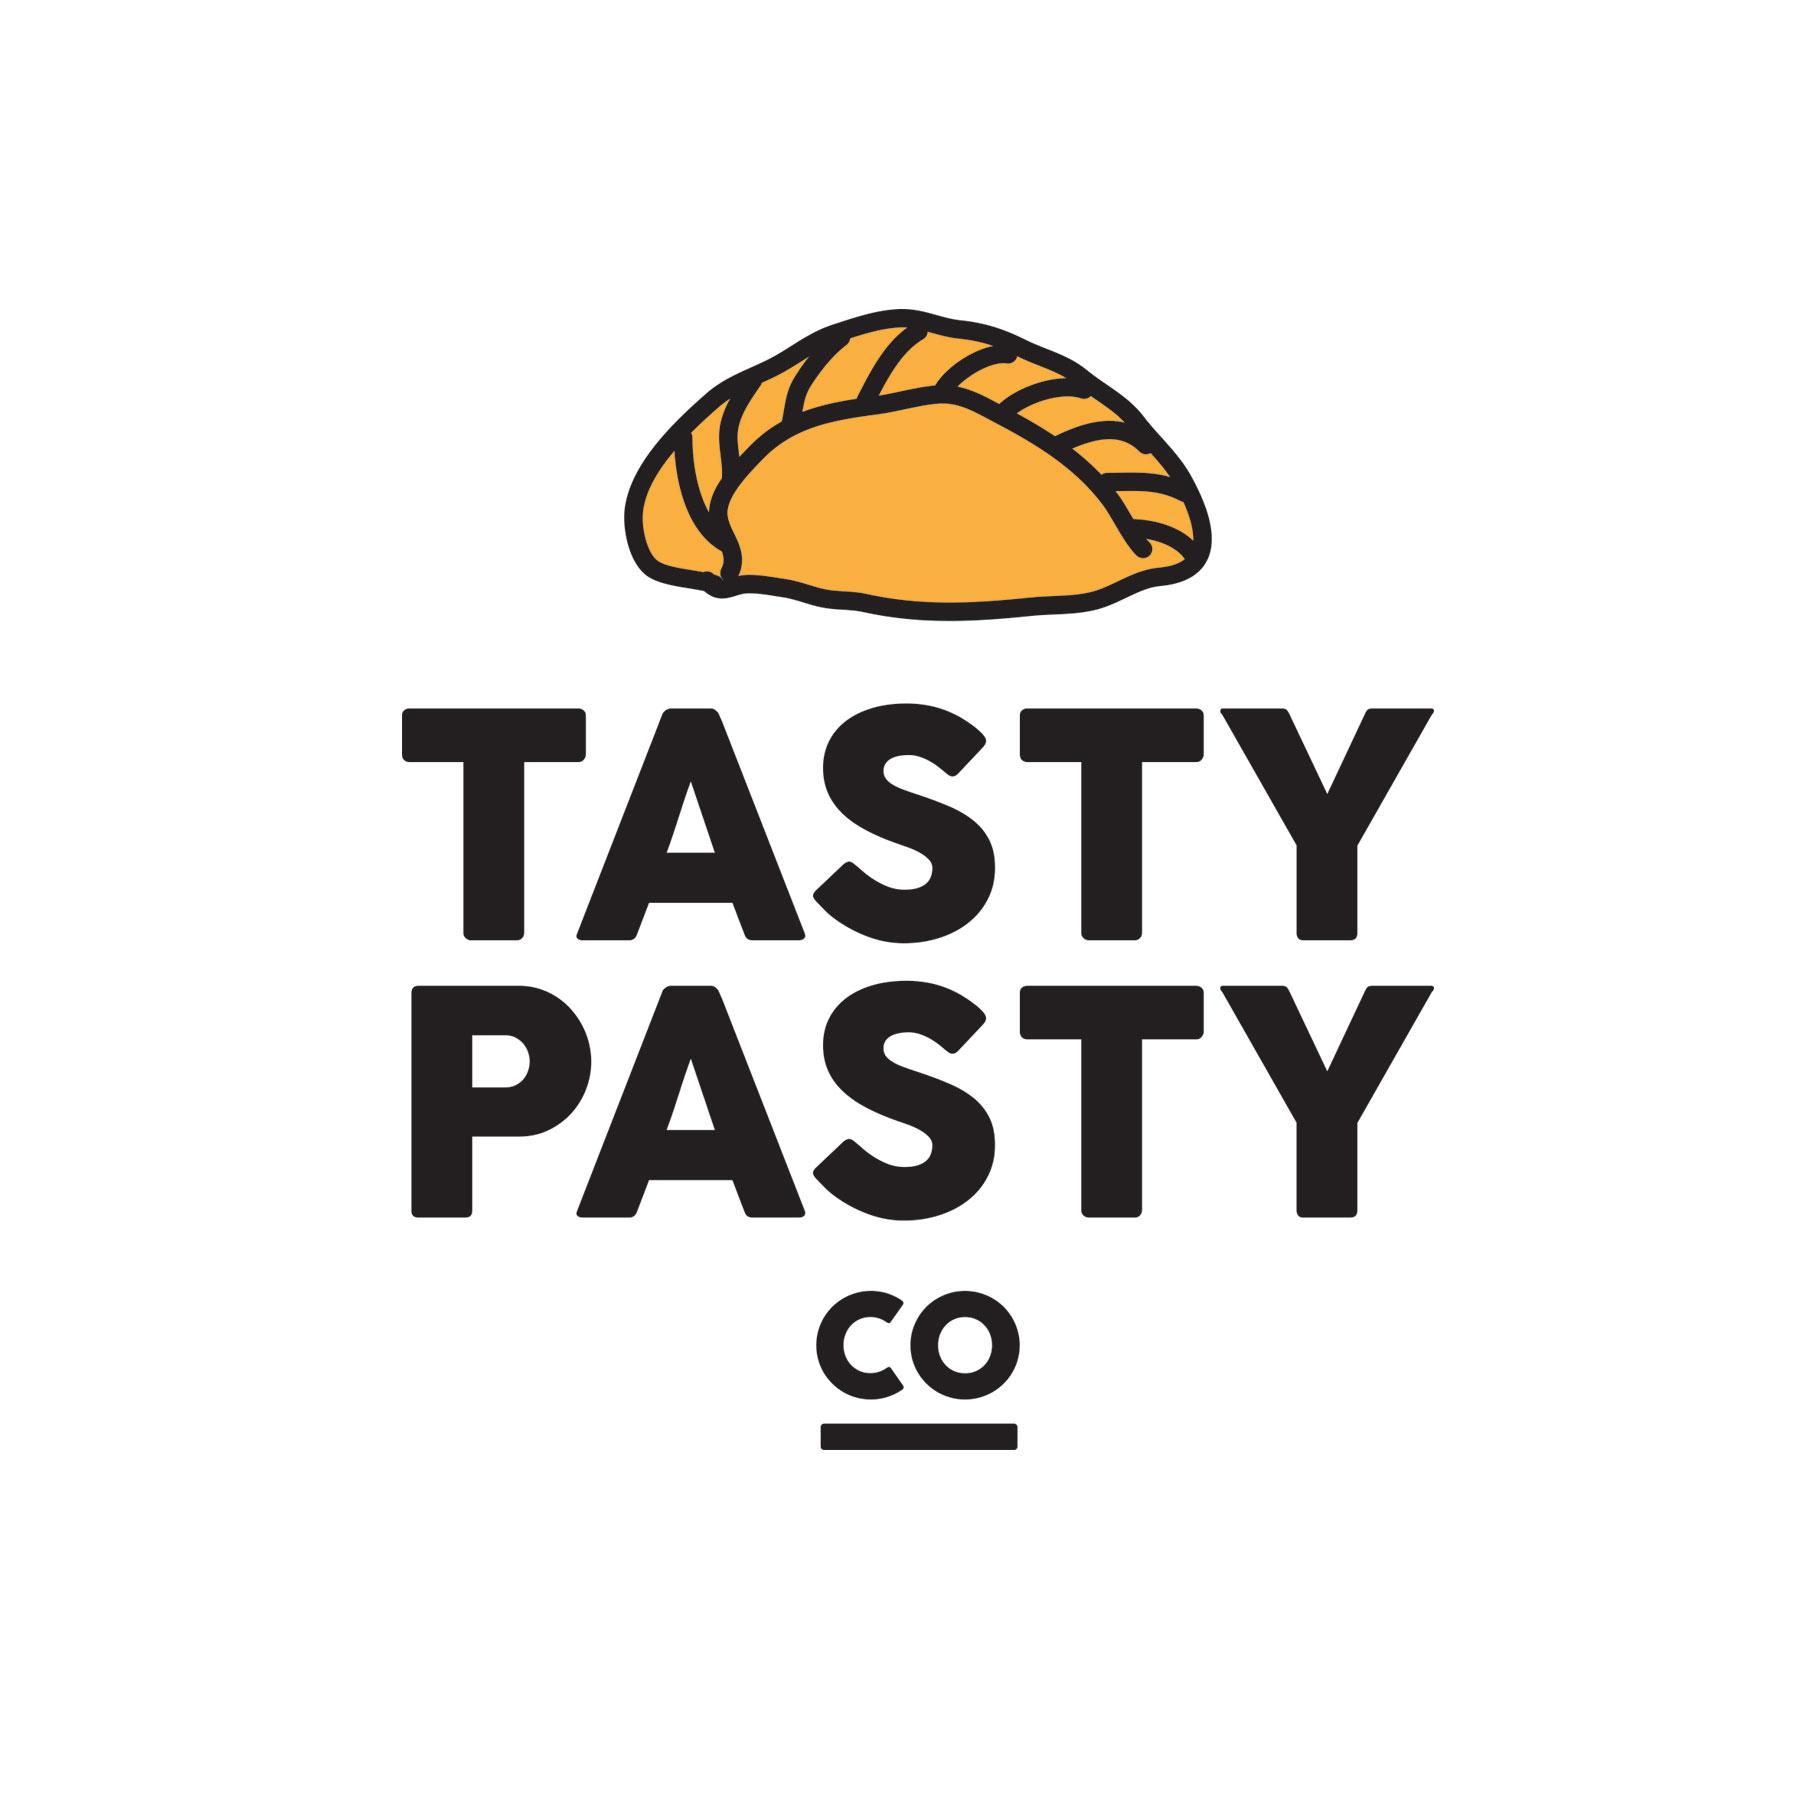 Tasty-Pasty-Co-logo